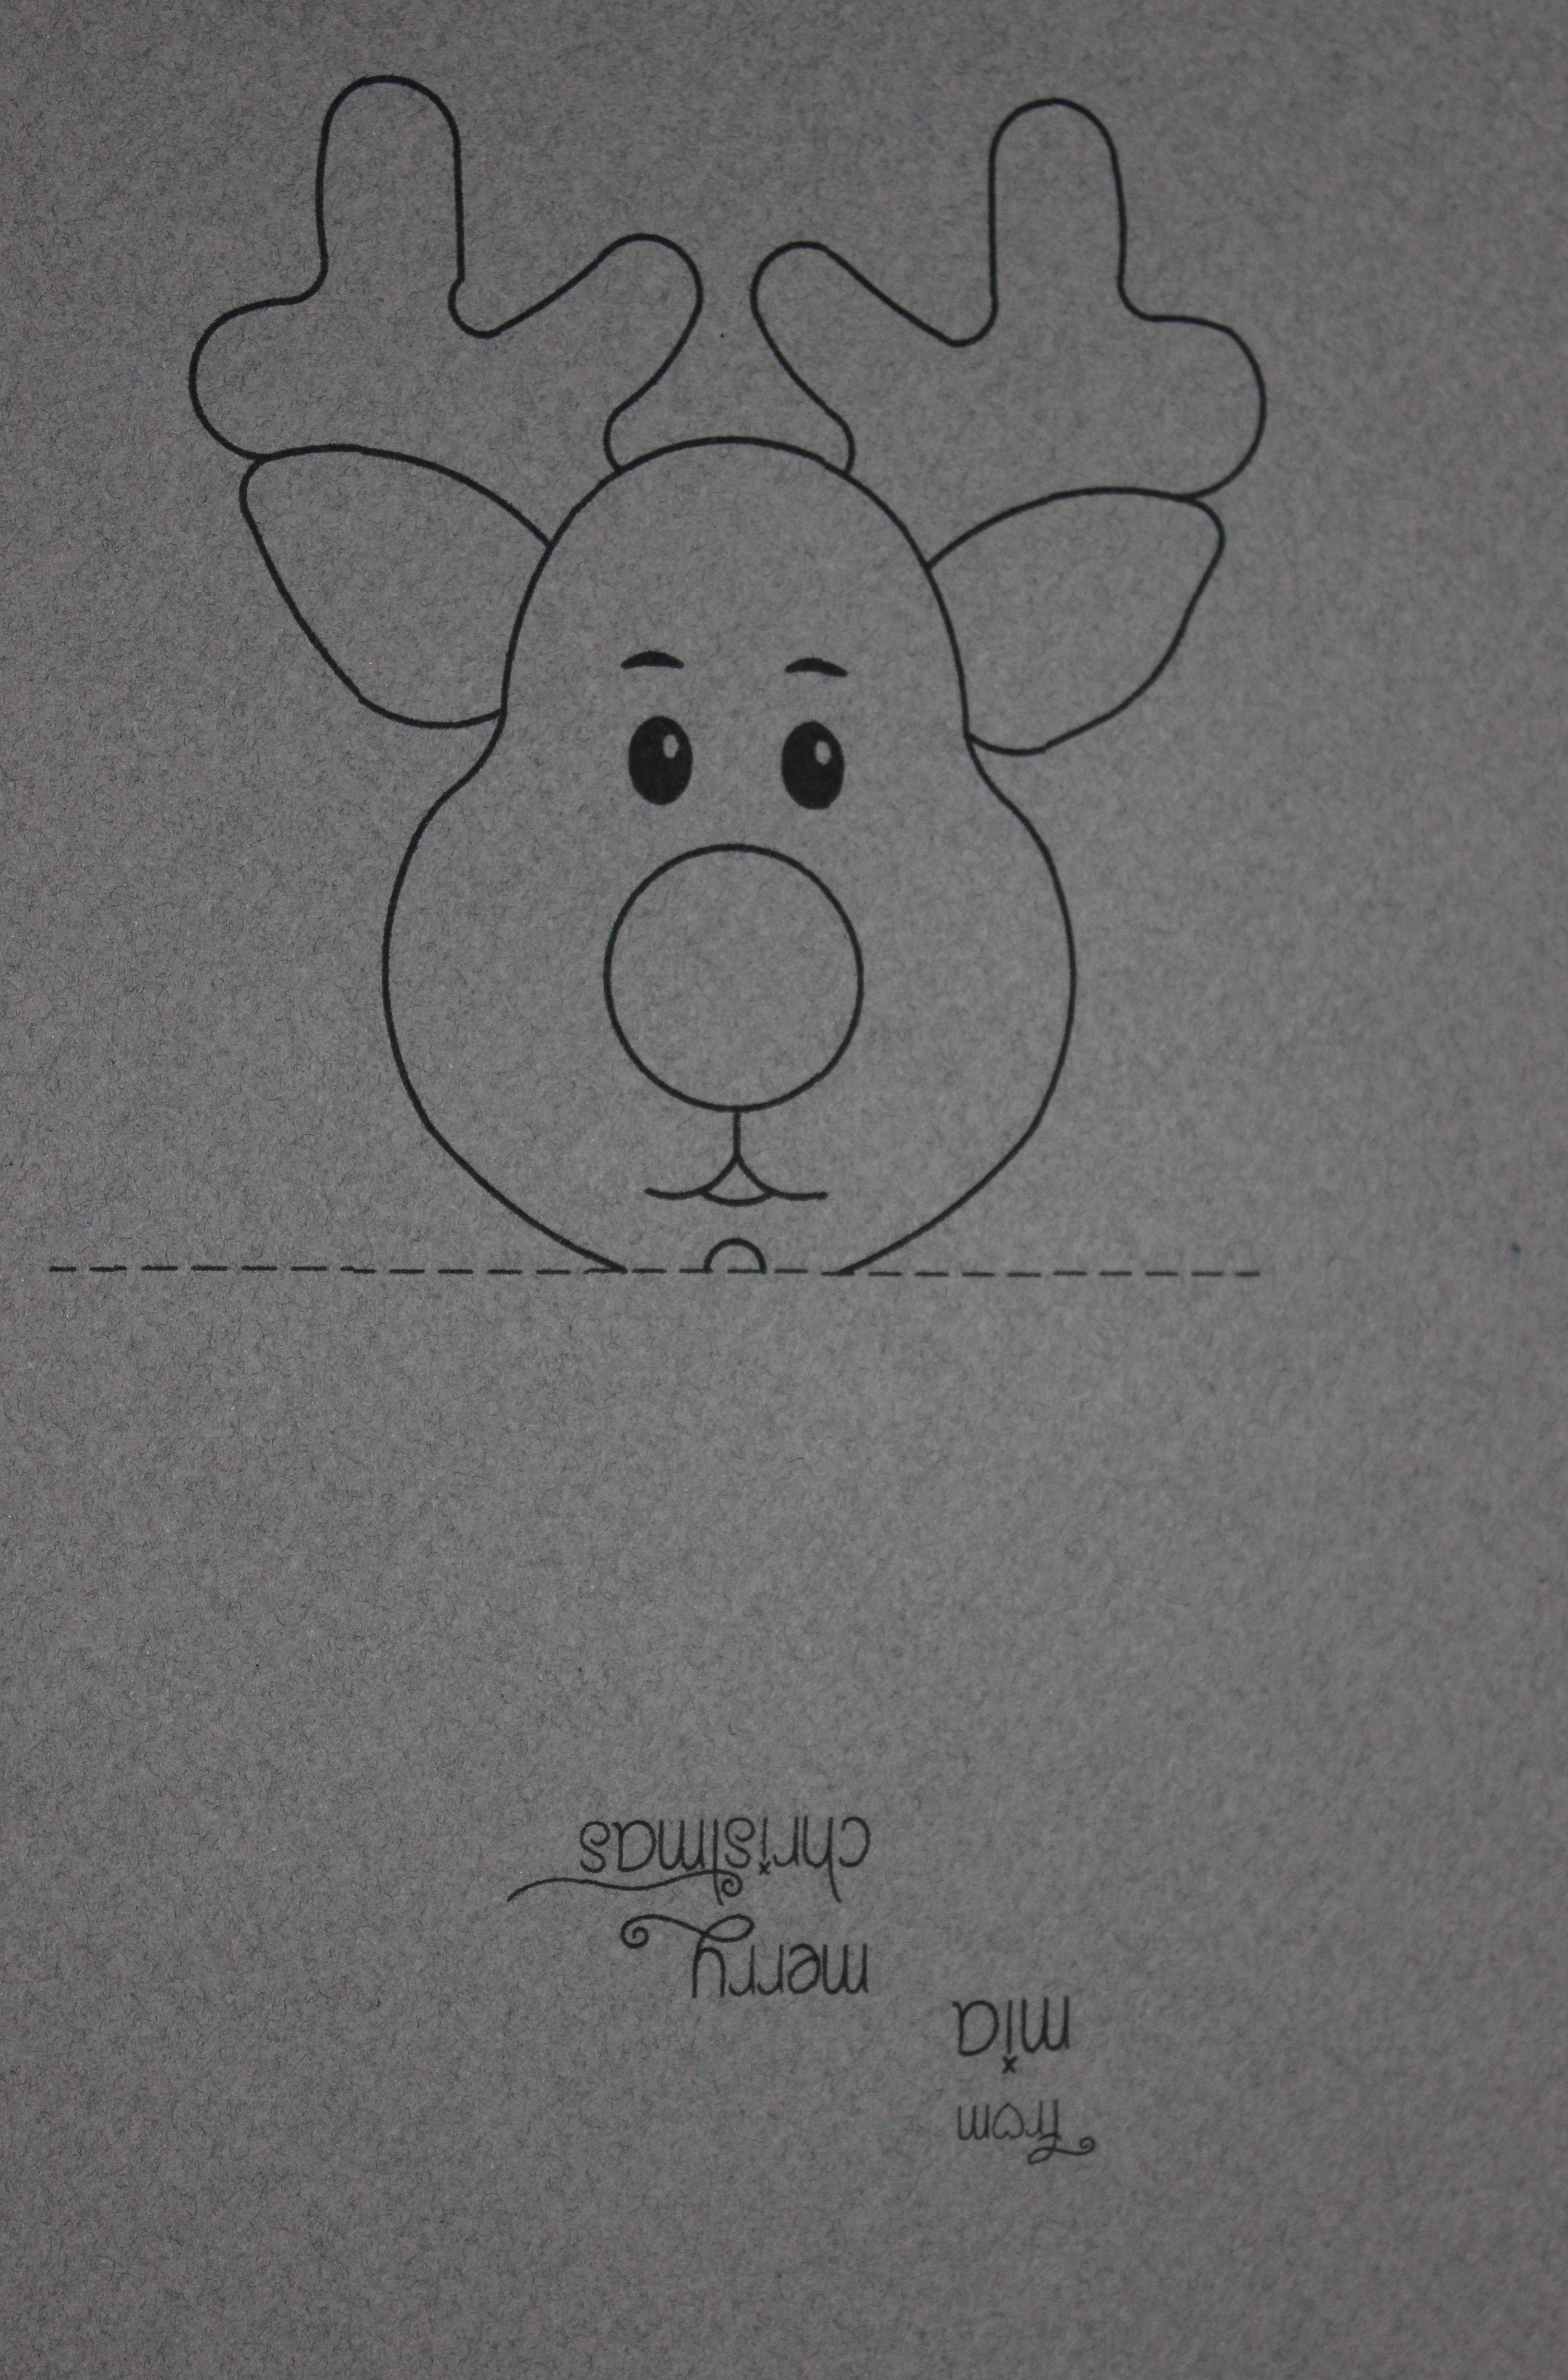 mini-reindeer-lollipop-printing.jpg 3,005×4,561 pixels